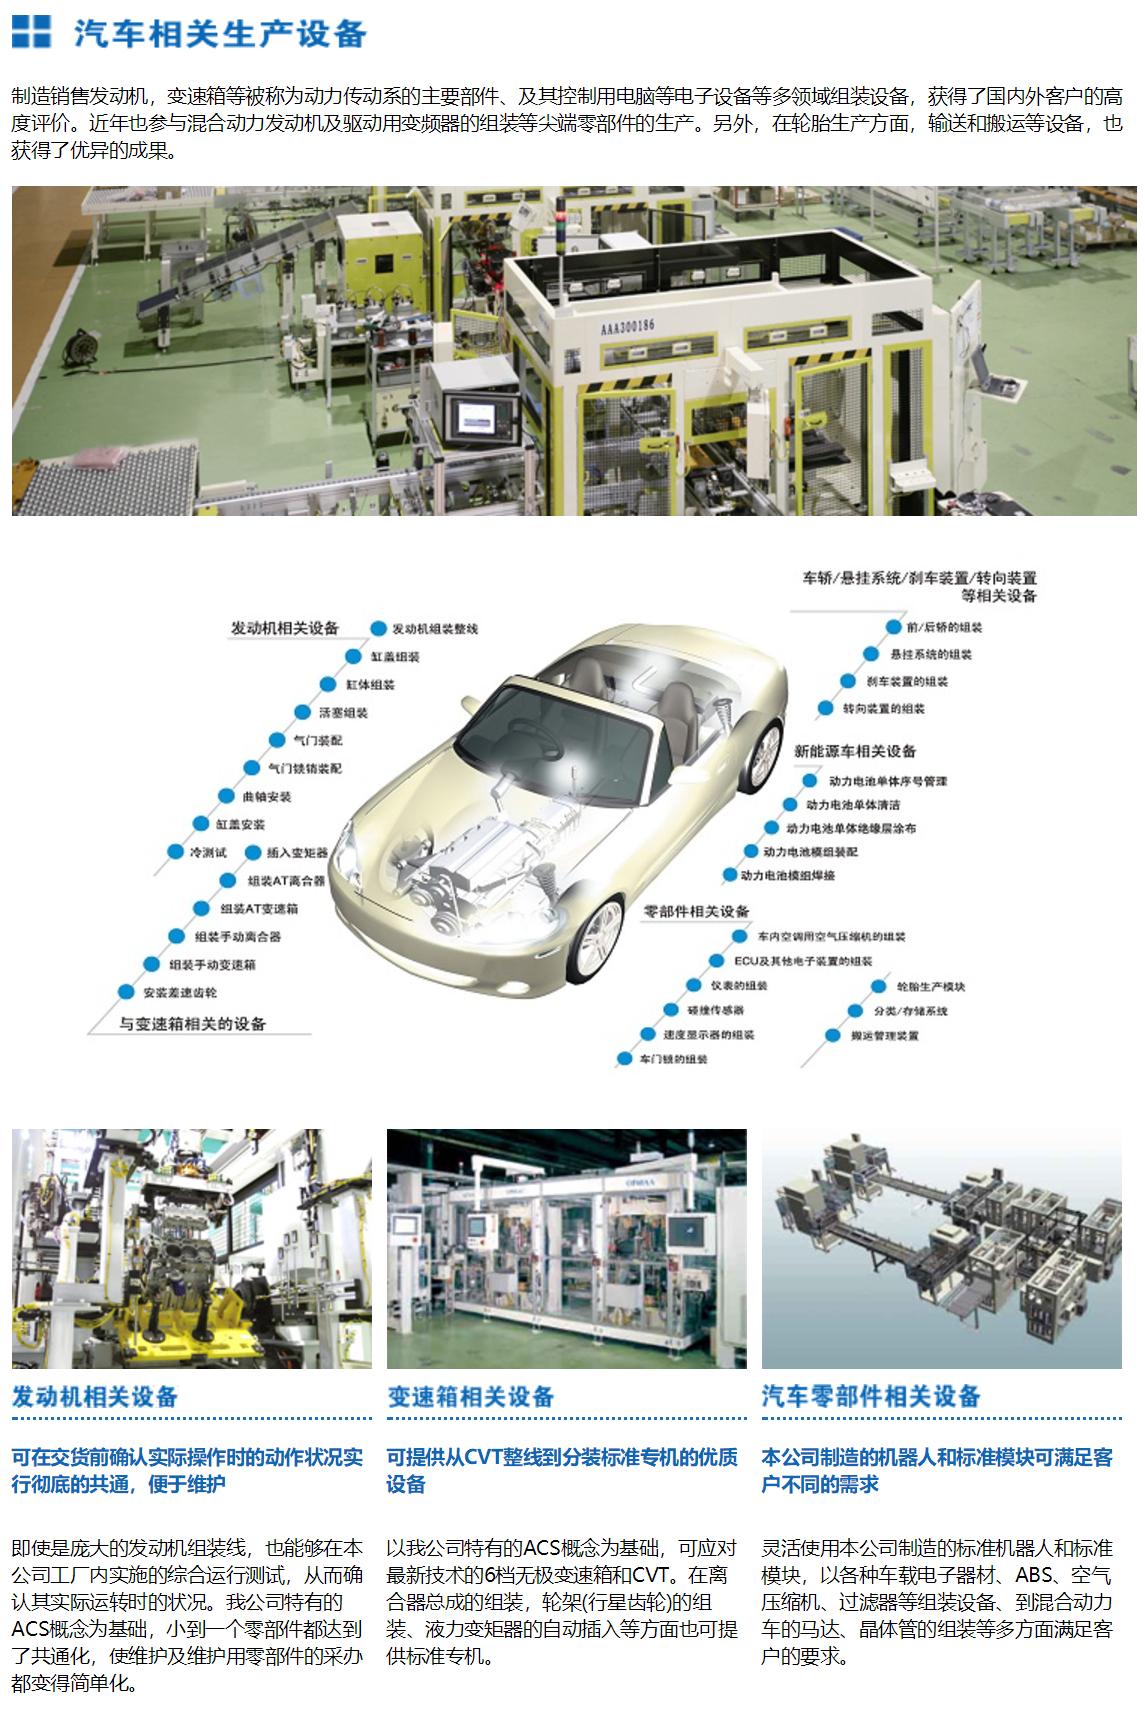 自动装配线-平田机工自动化设备-上海有限公司_20190715134058